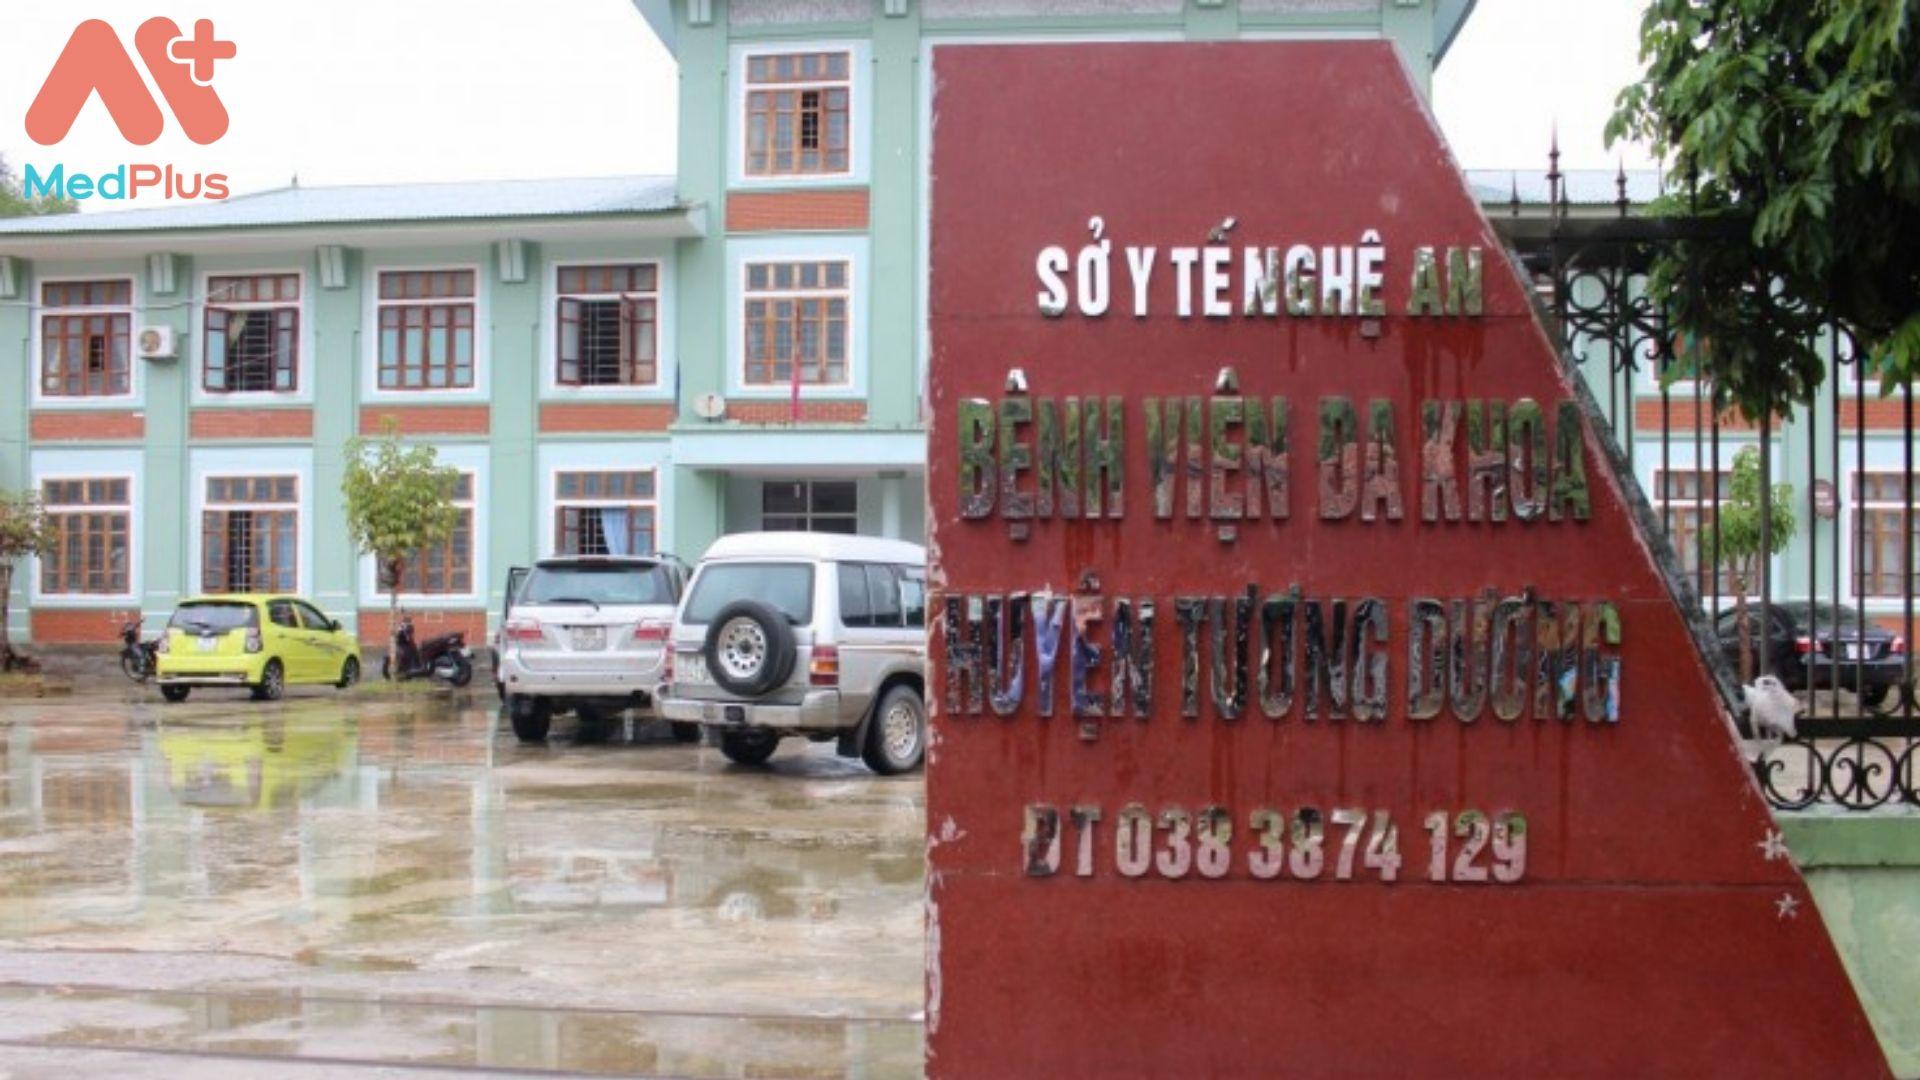 Bệnh viện Đa khoa huyện Tương Dương